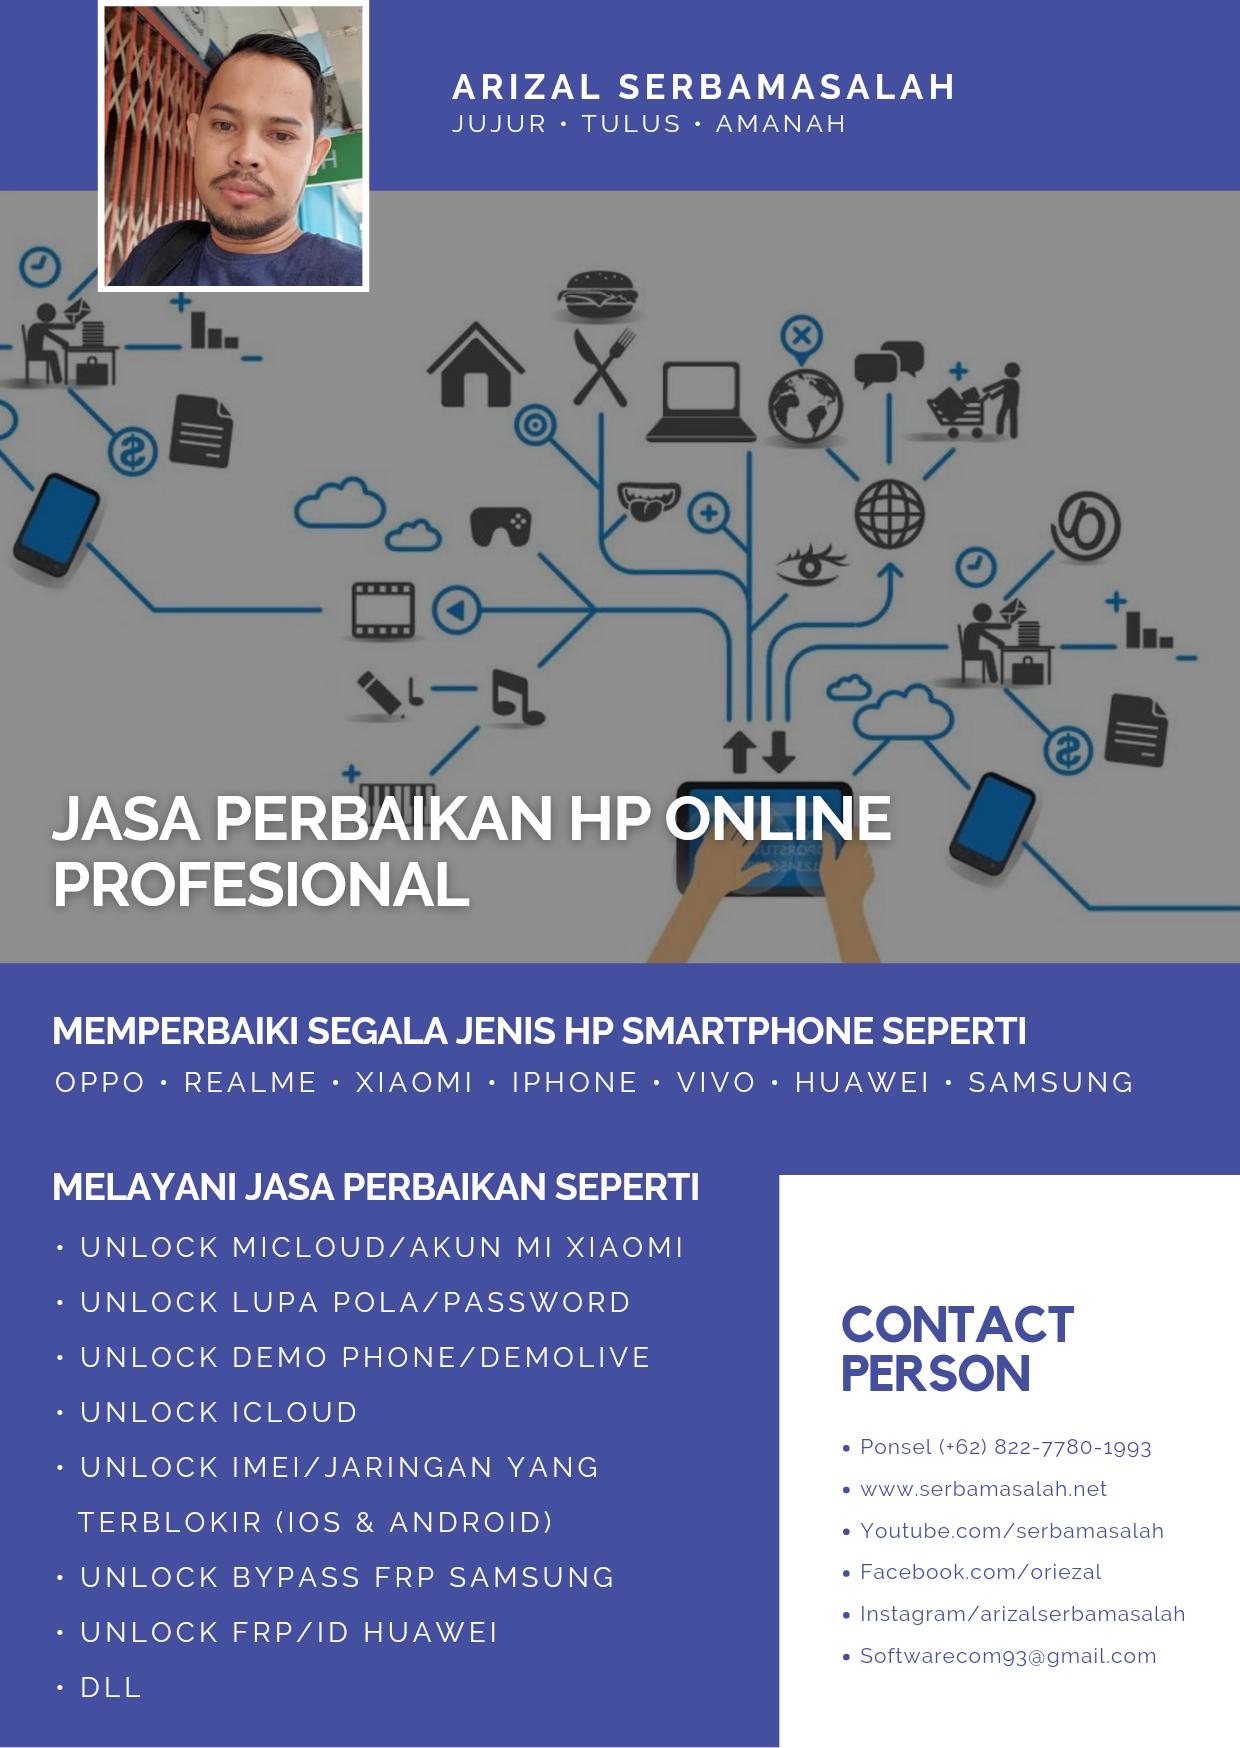 Layanan Jasa Perbaikan Hp Online Bersama Kami